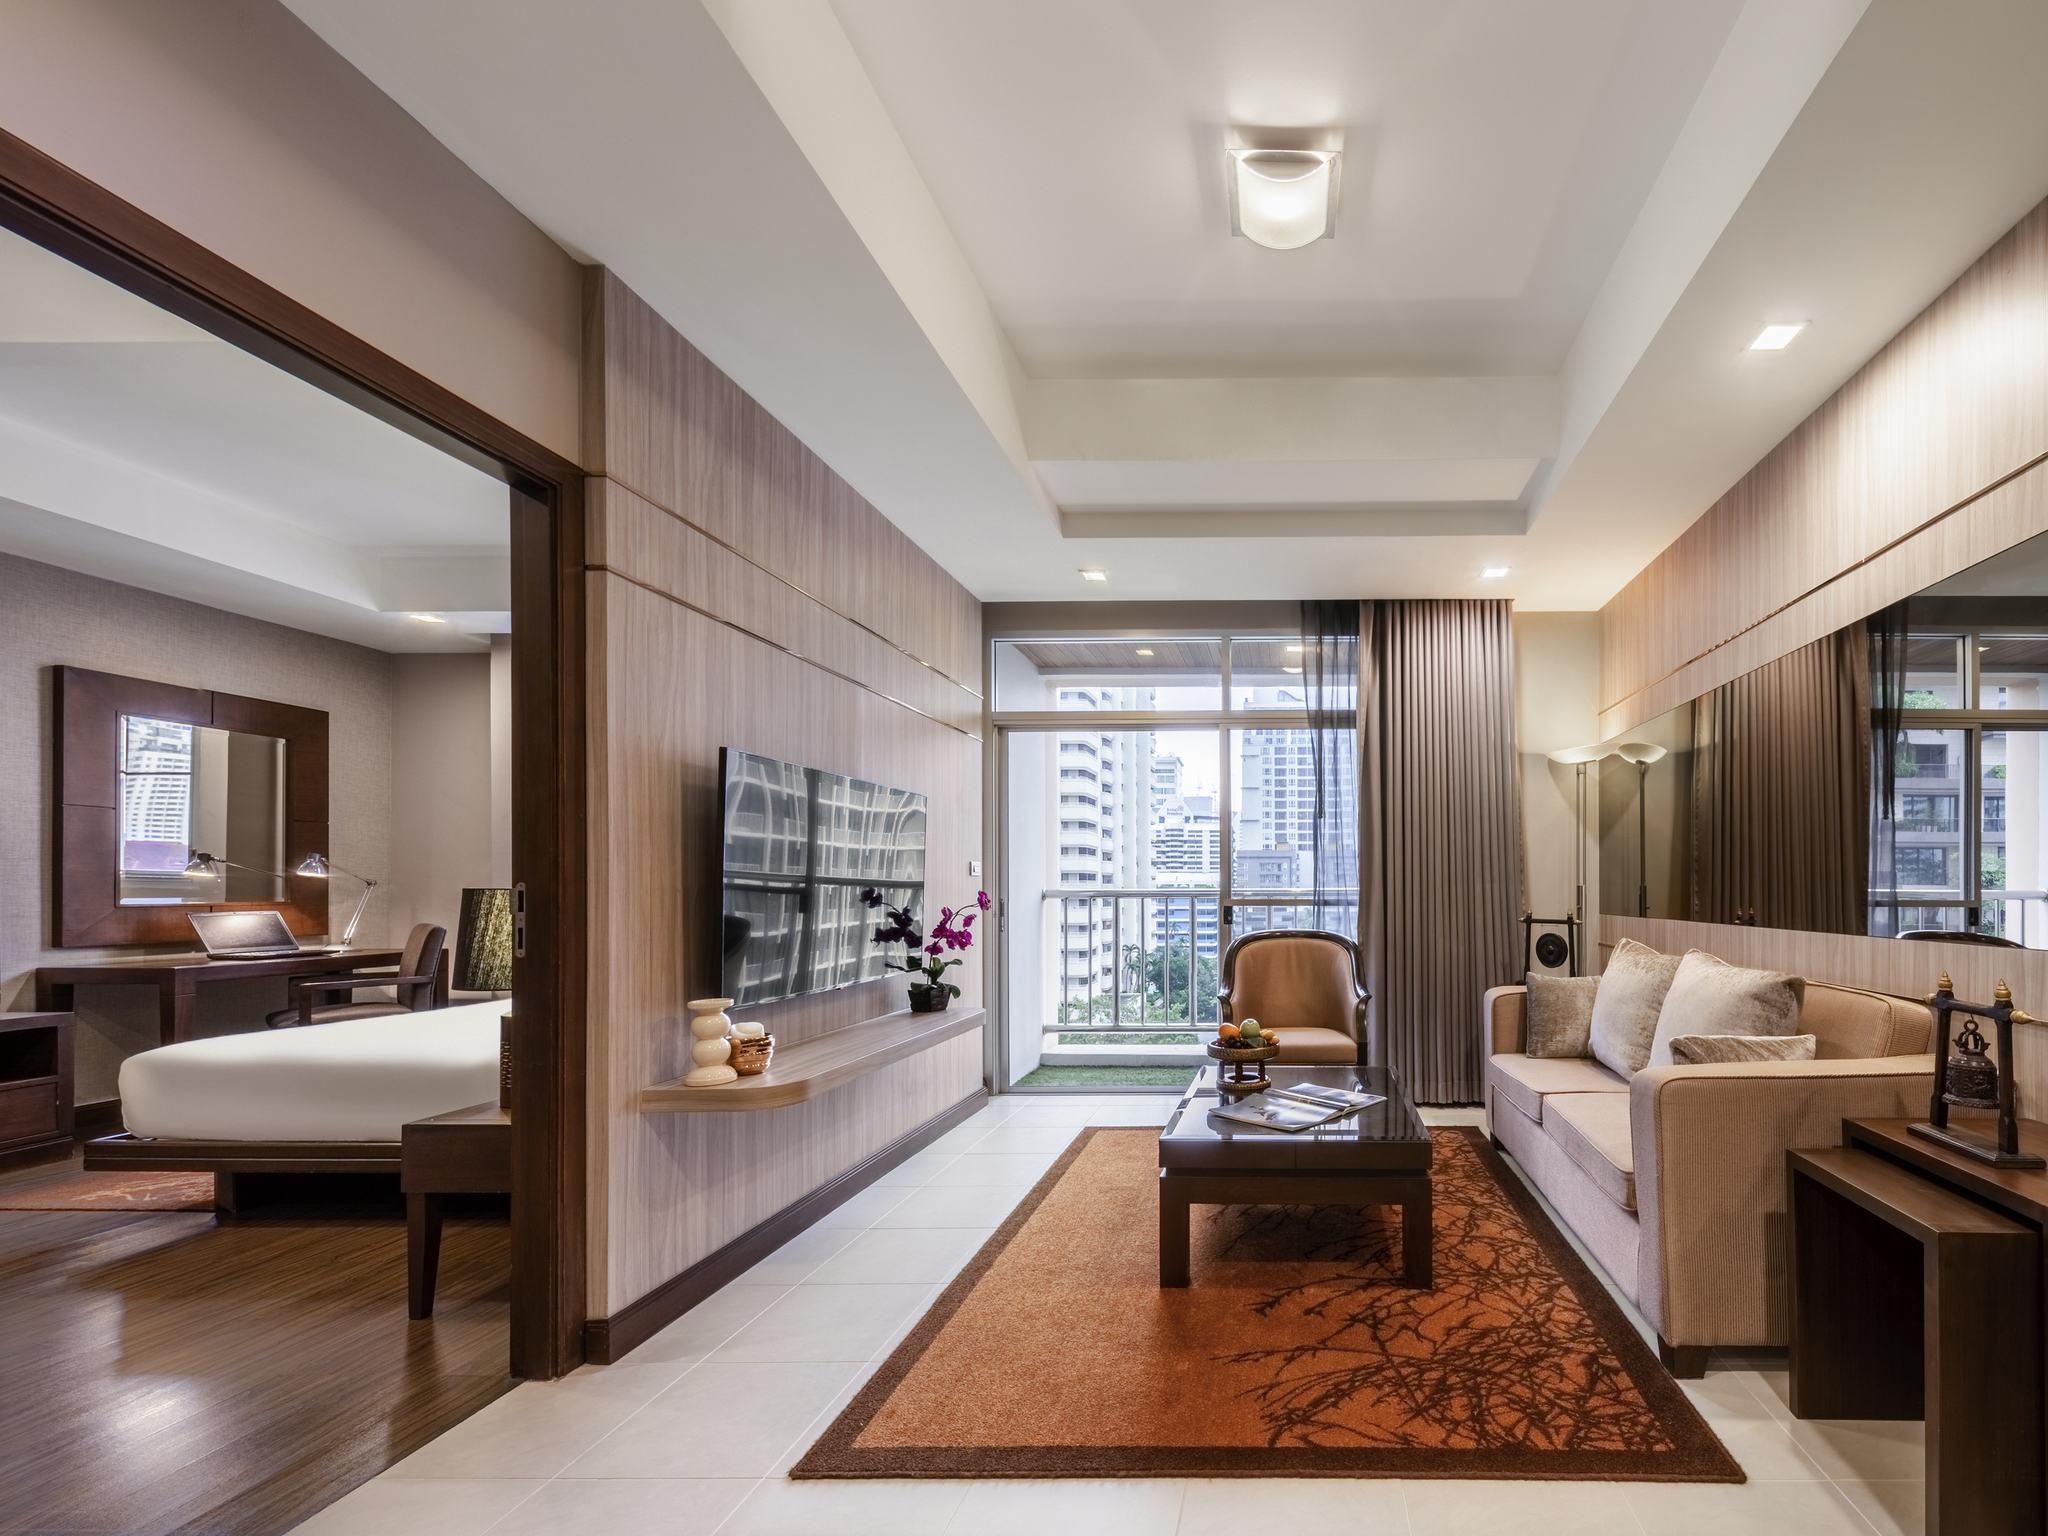 โรงแรม – แกรนด์ เมอร์เคียว กรุงเทพ อโศก เรสซิเดนซ์